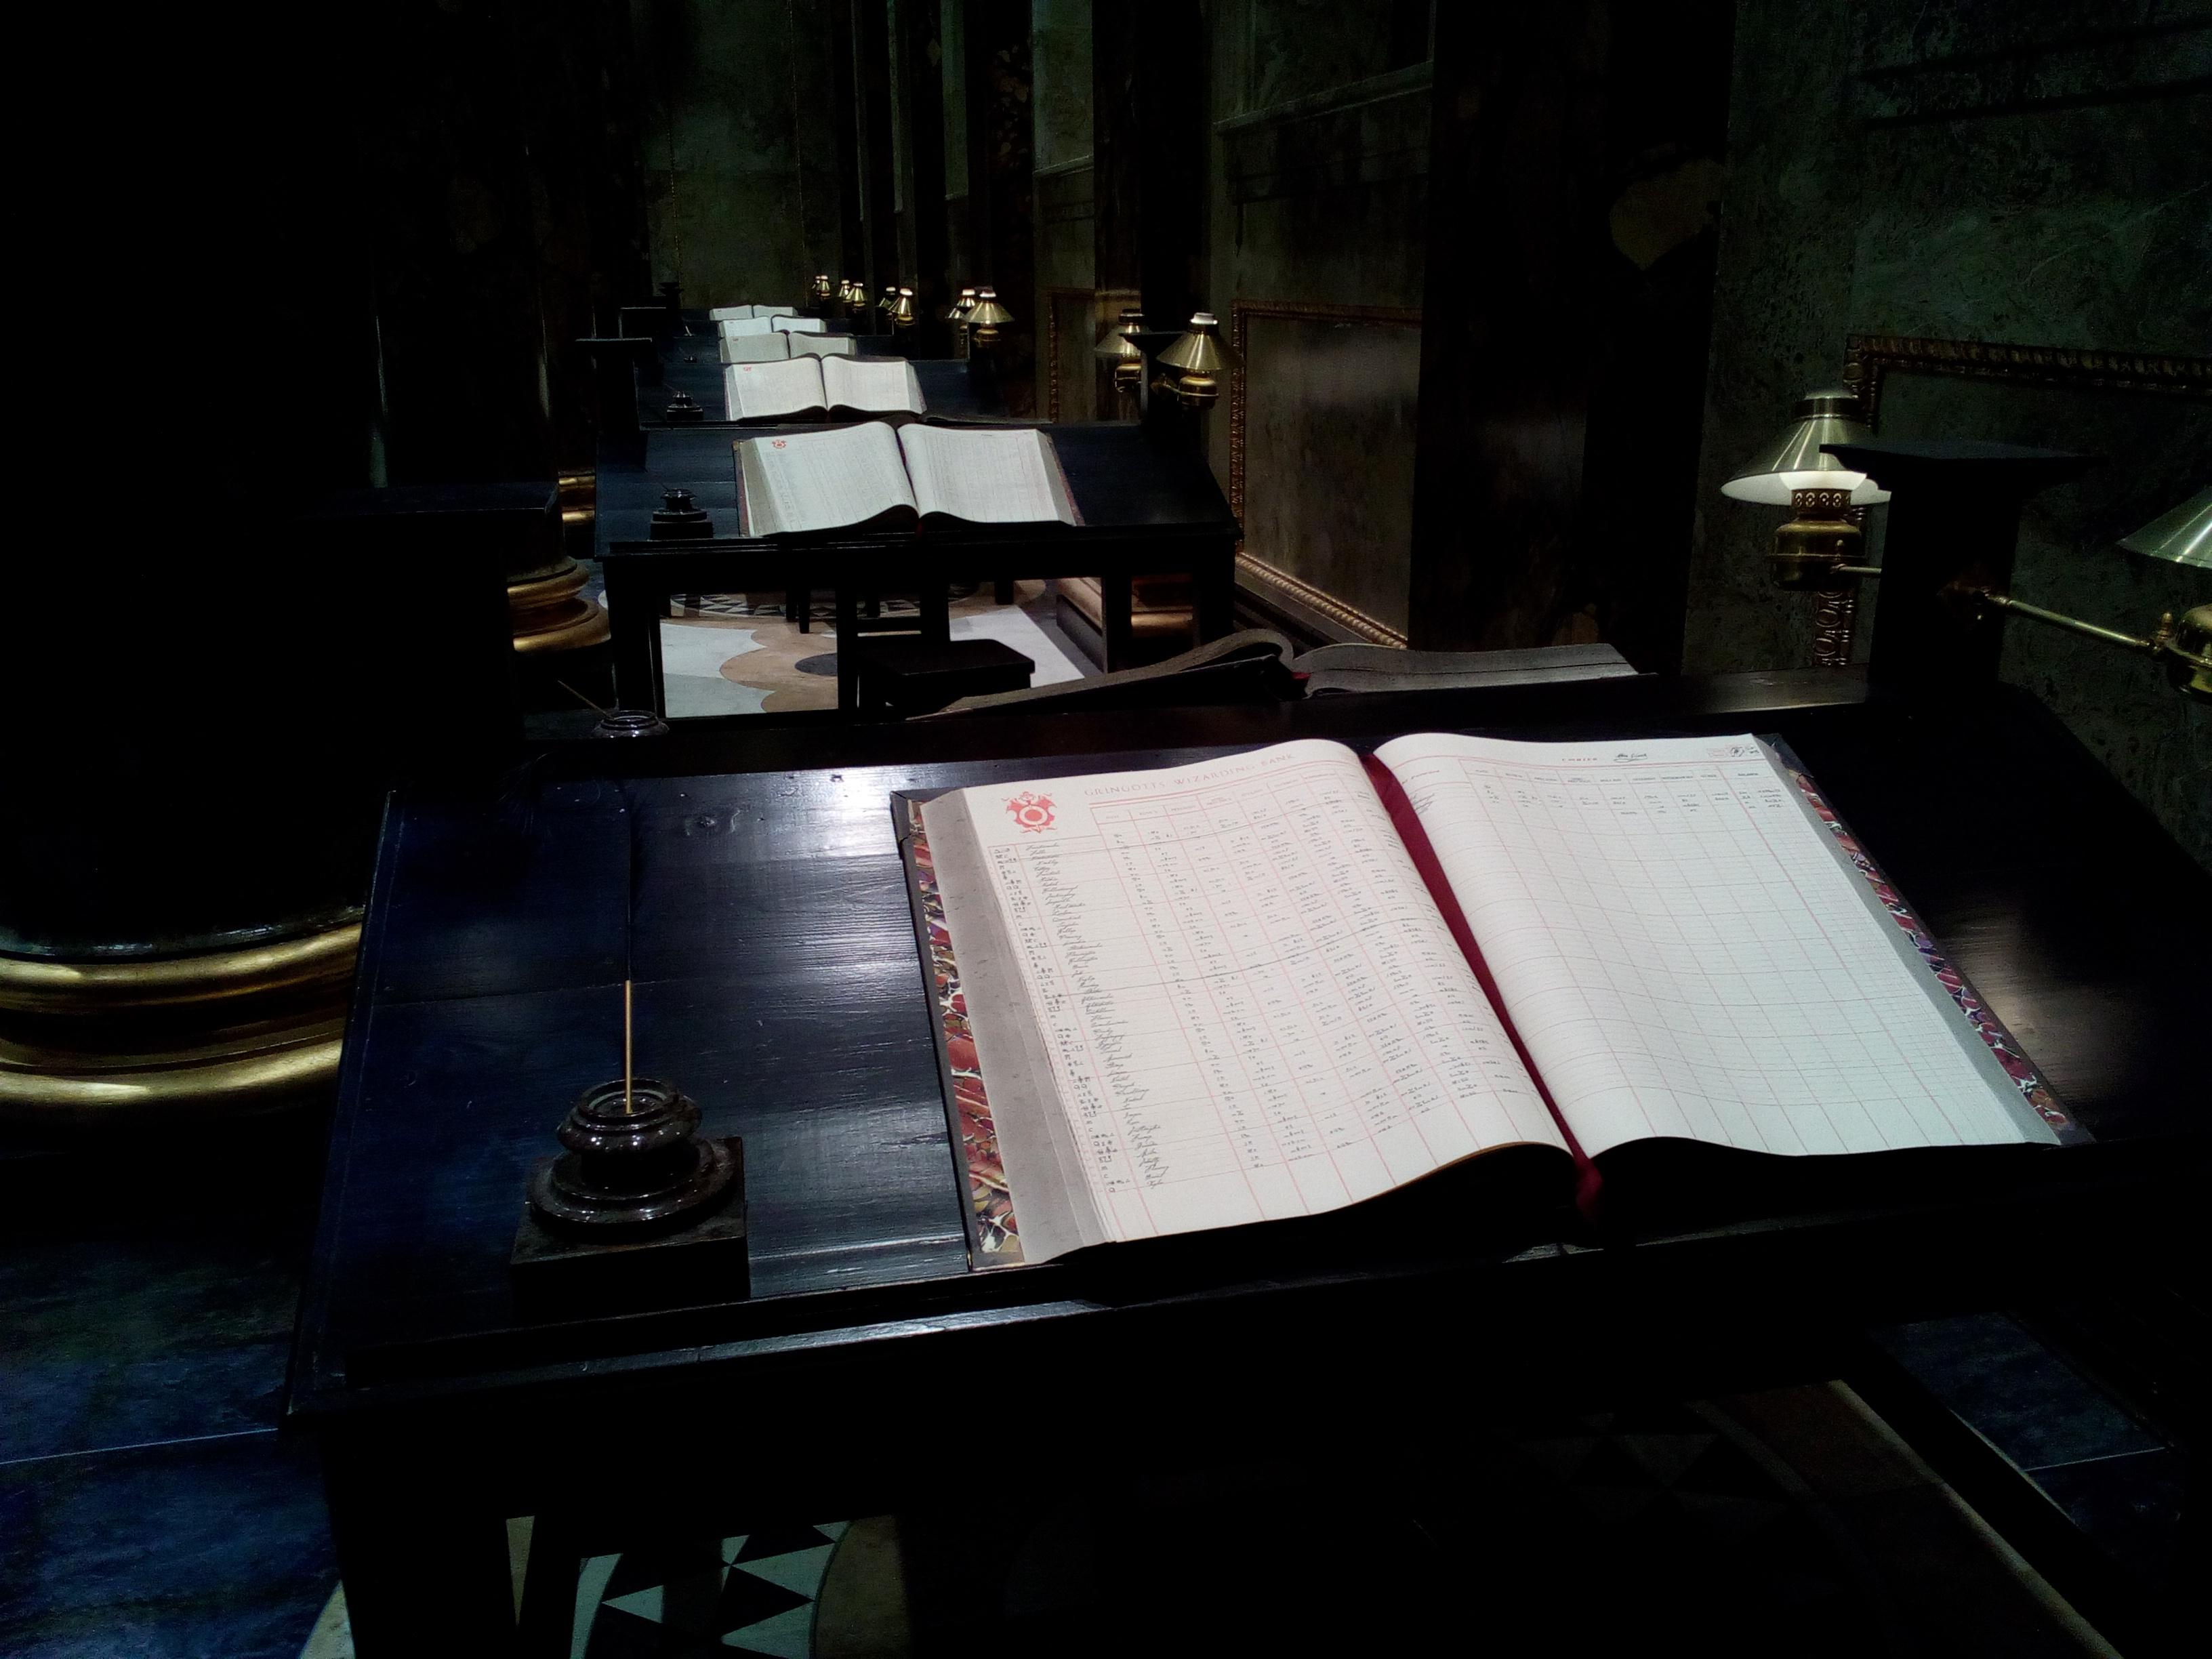 Livres de comptes de Gringotts - The Making of Harry Potter - Studio Tour London